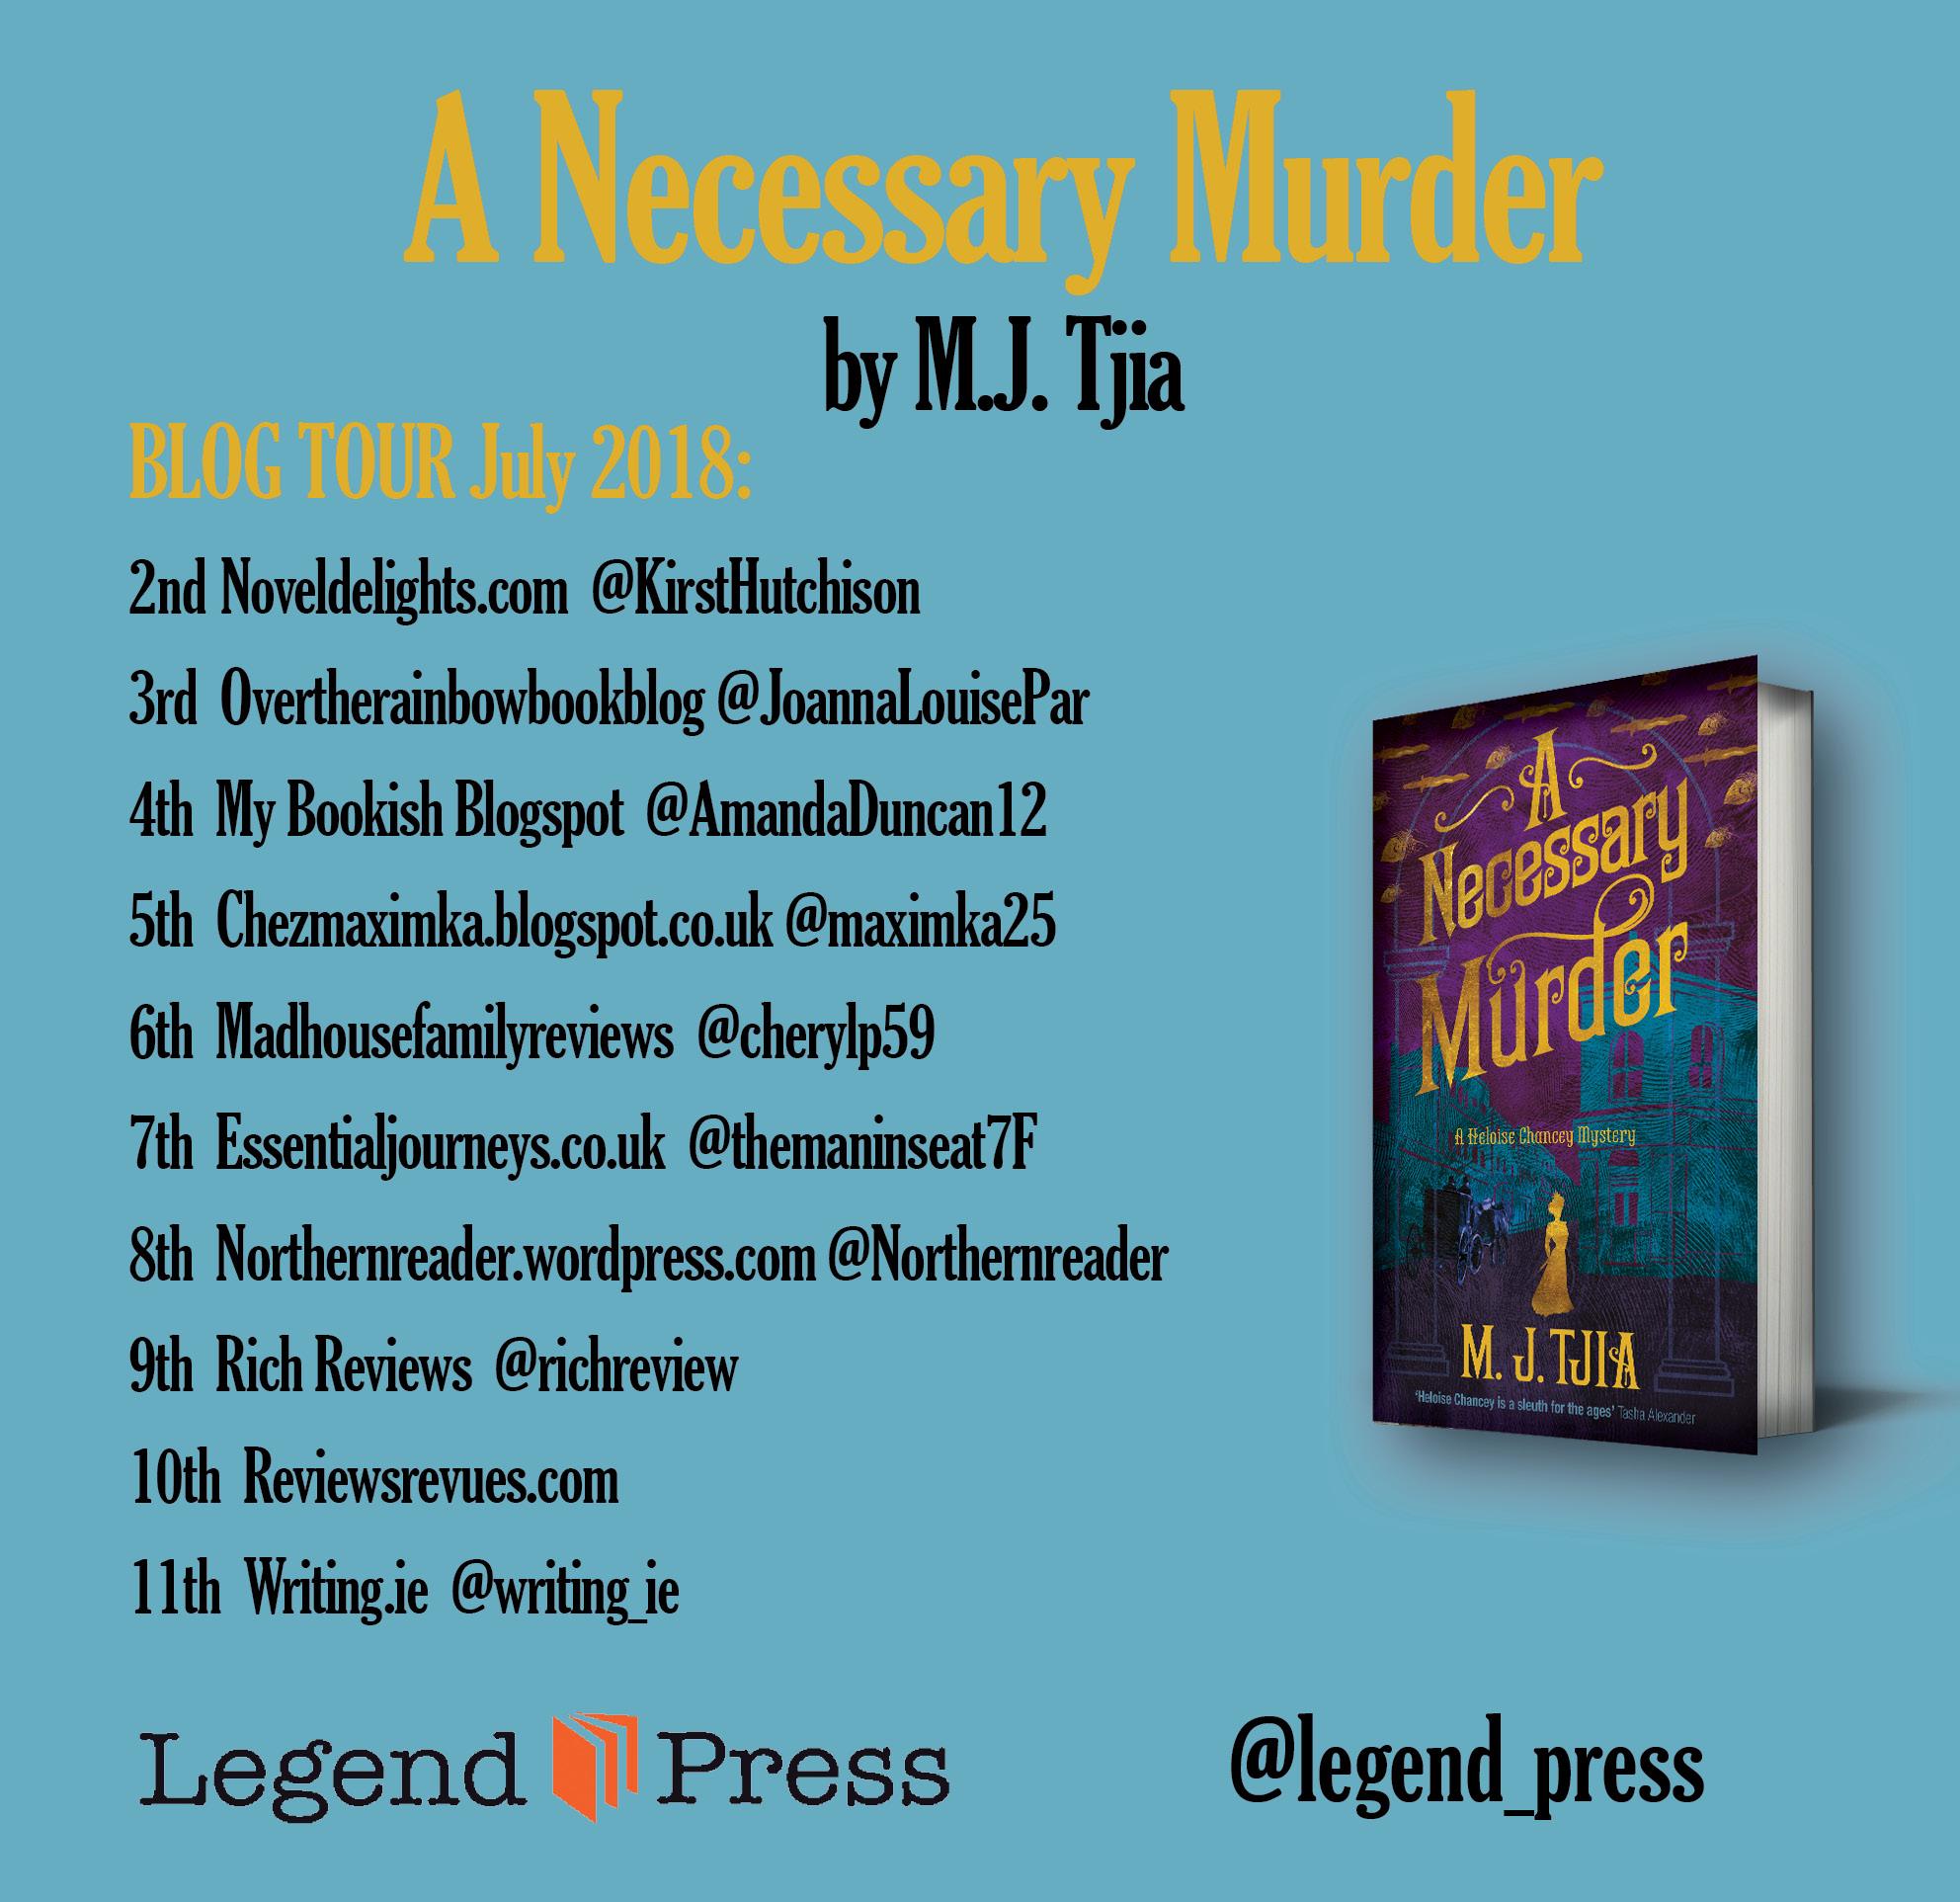 A Necessary Murder blog tour